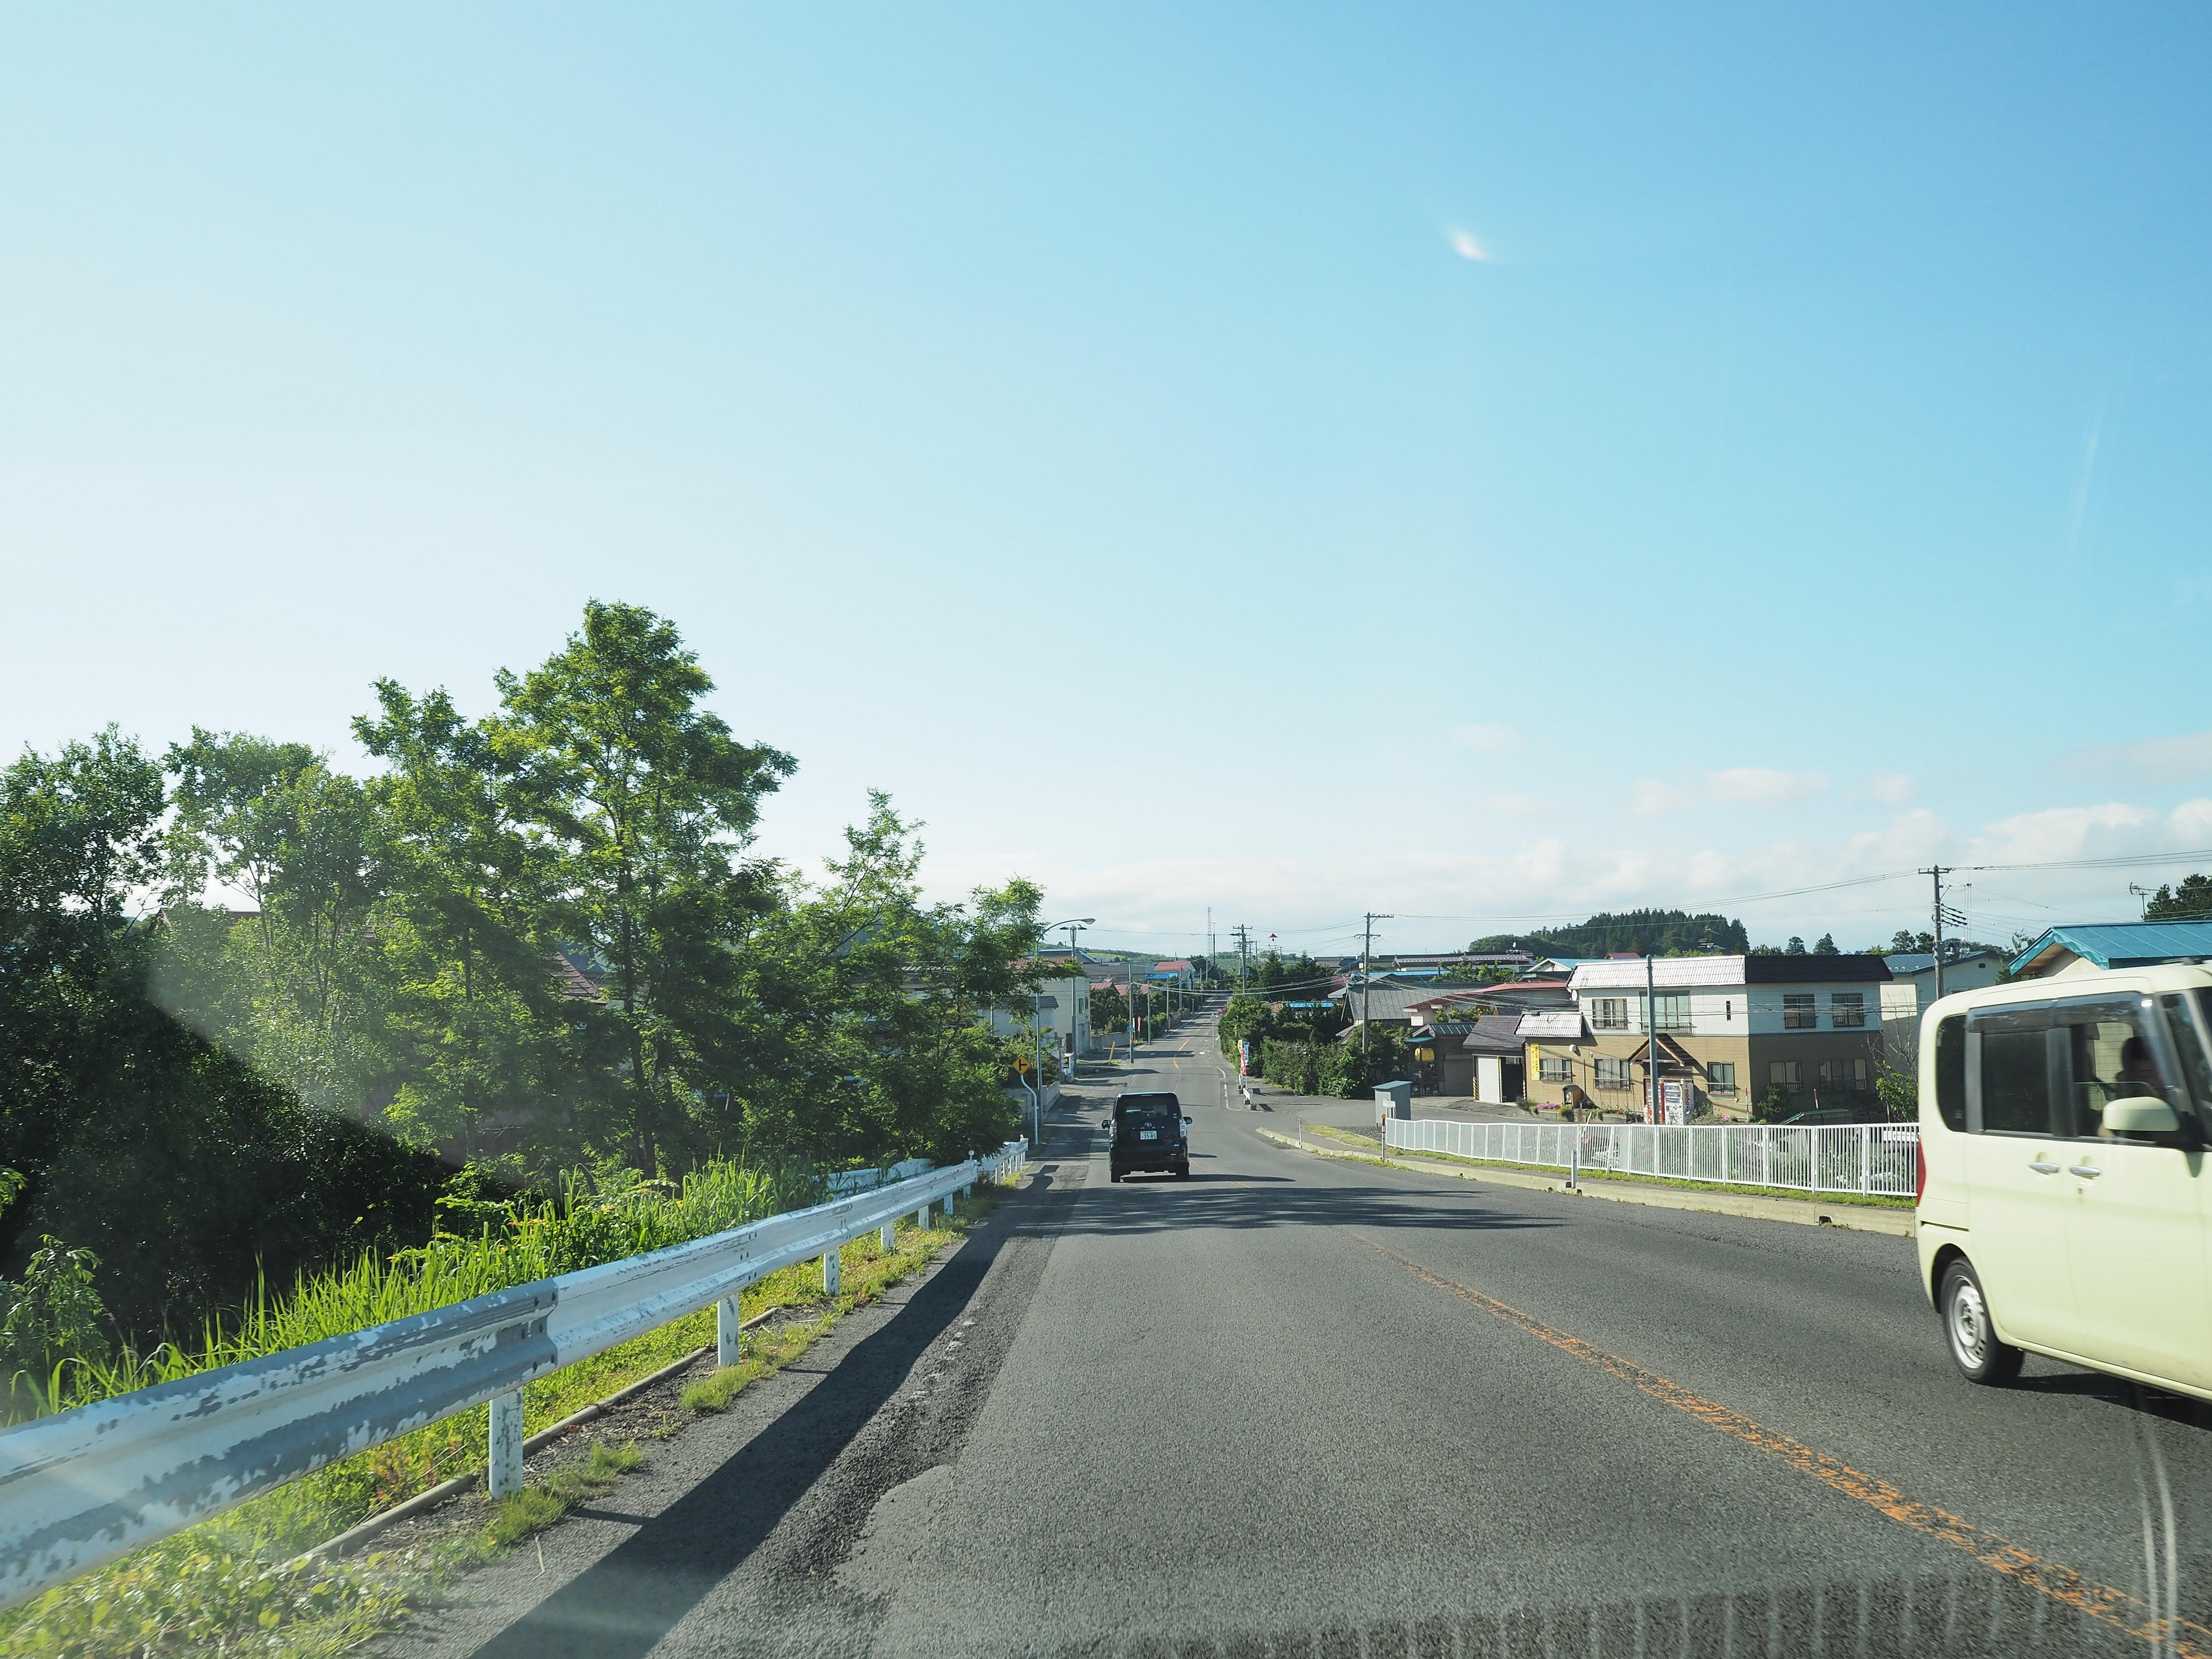 렌트카로 일본 여행하기 - 자유로움이 주는 매력